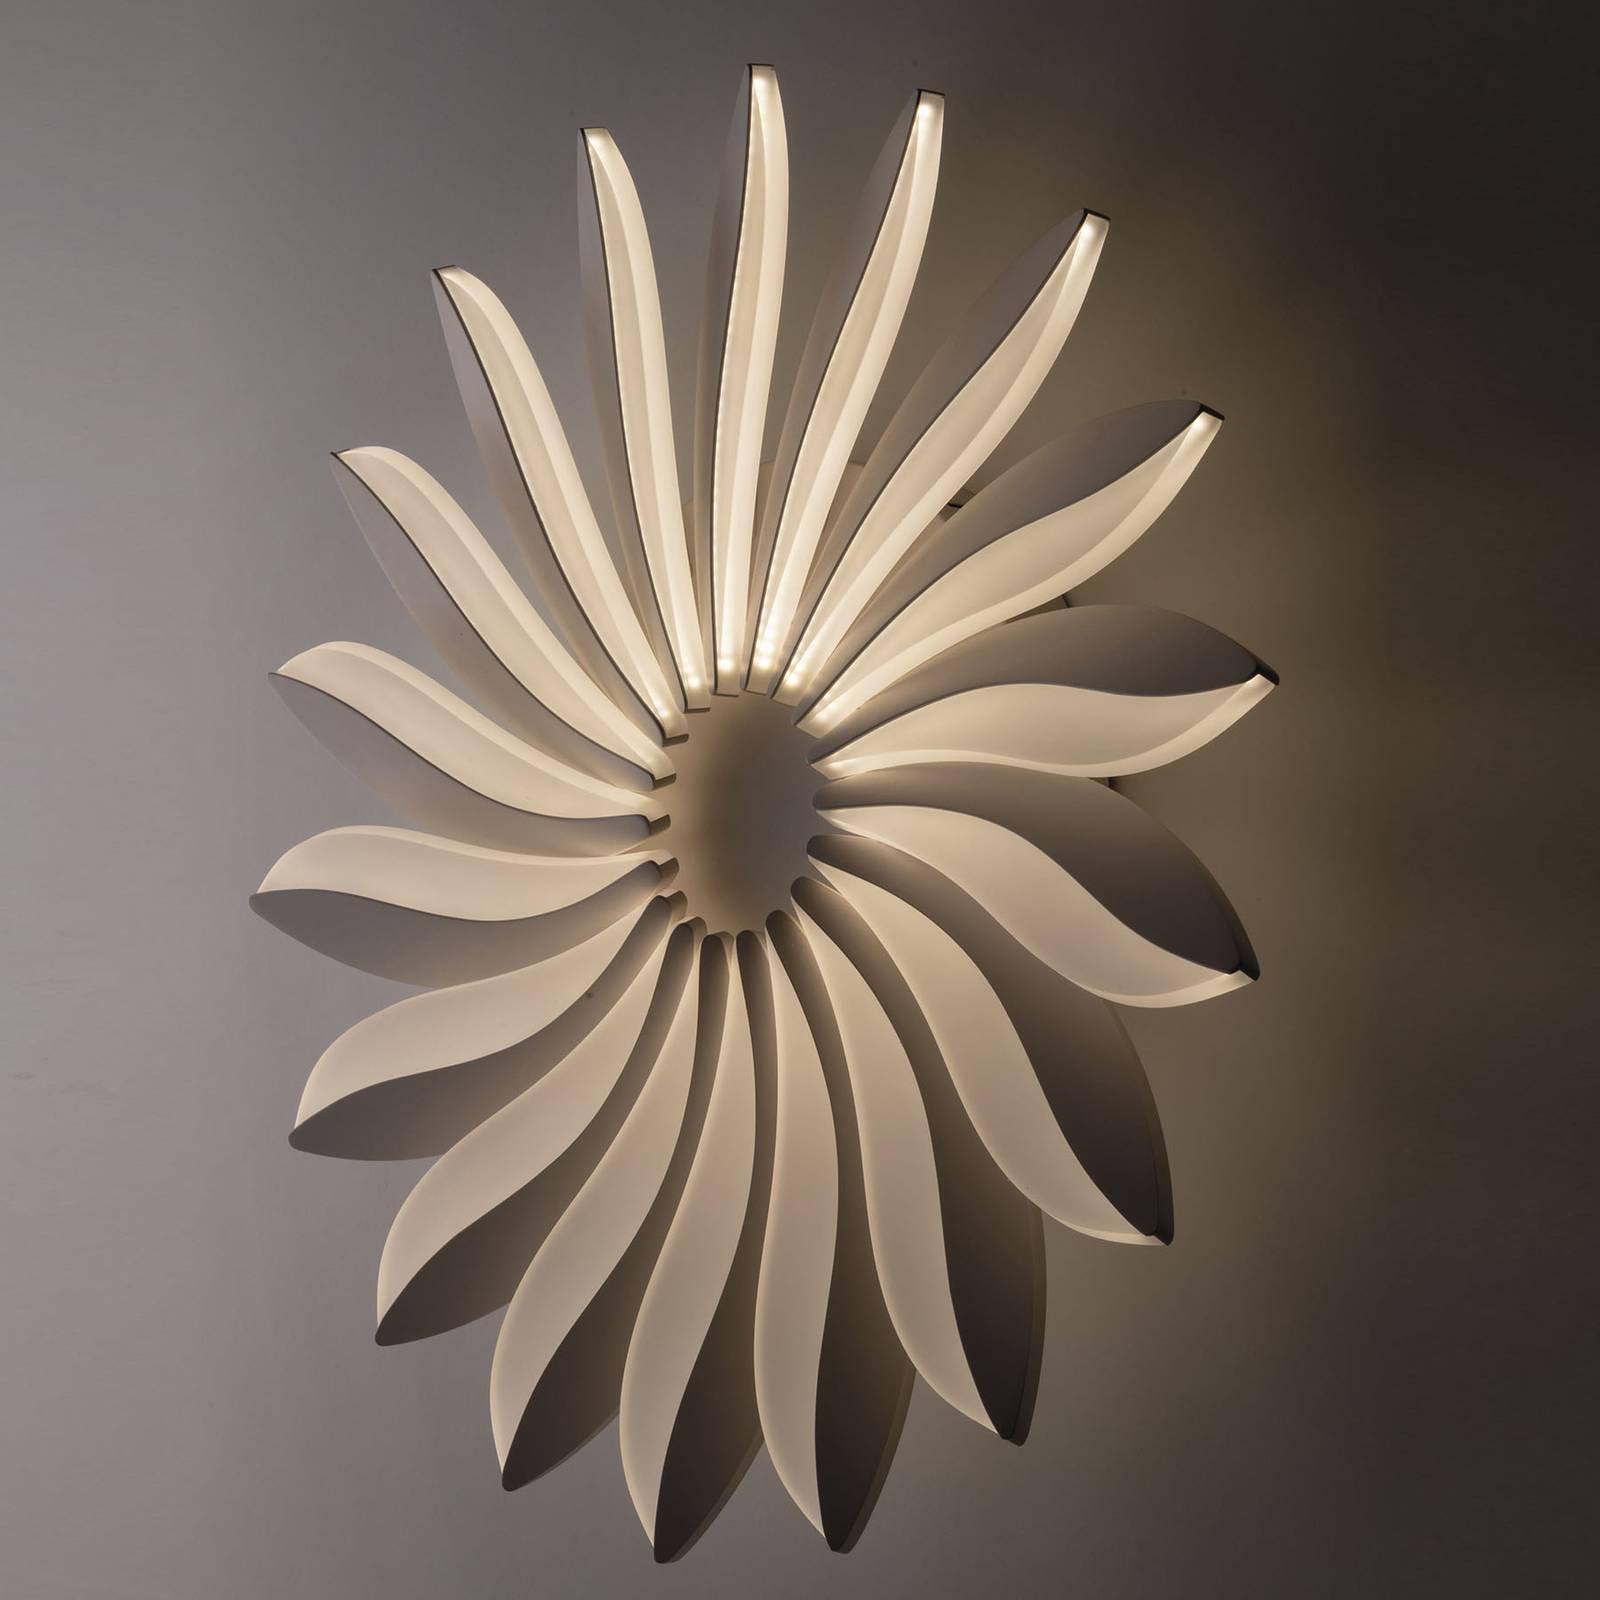 Applique LED Sunrise, dimmable, Ø 61,5cm